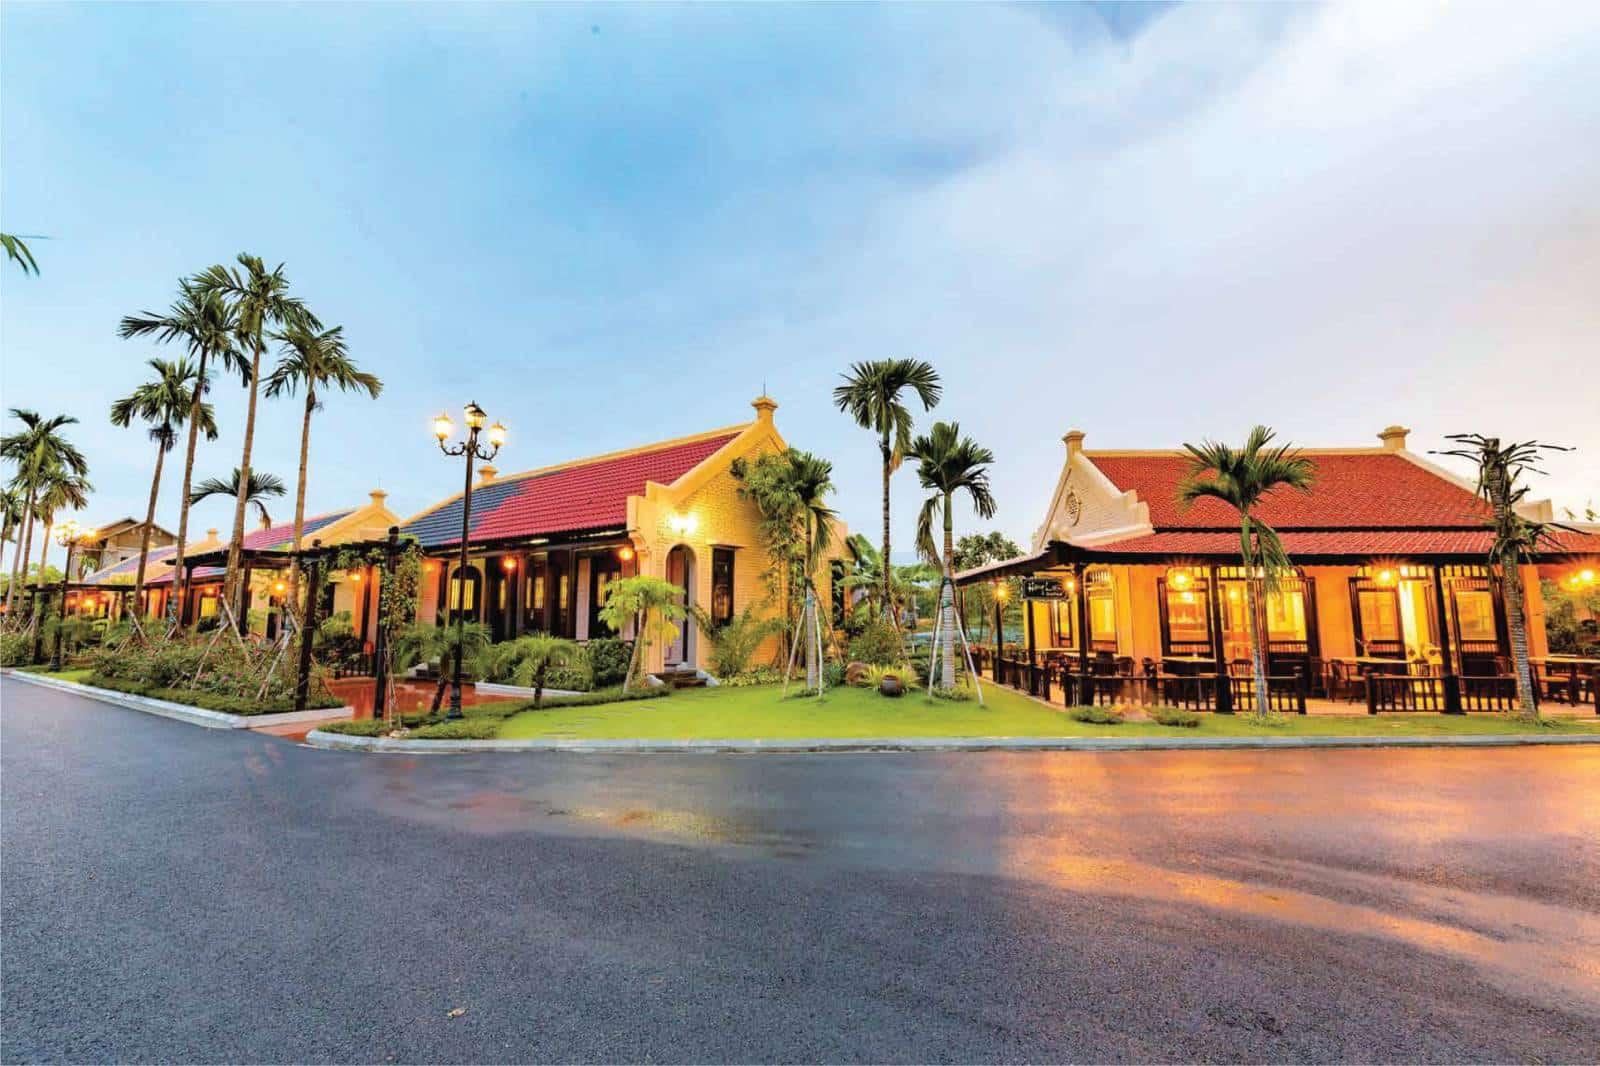 Ảnh thực tế Biệt thự Hồng Liên Vườn Vua Phú Thọ lúc hoàng hôn xinh đẹp